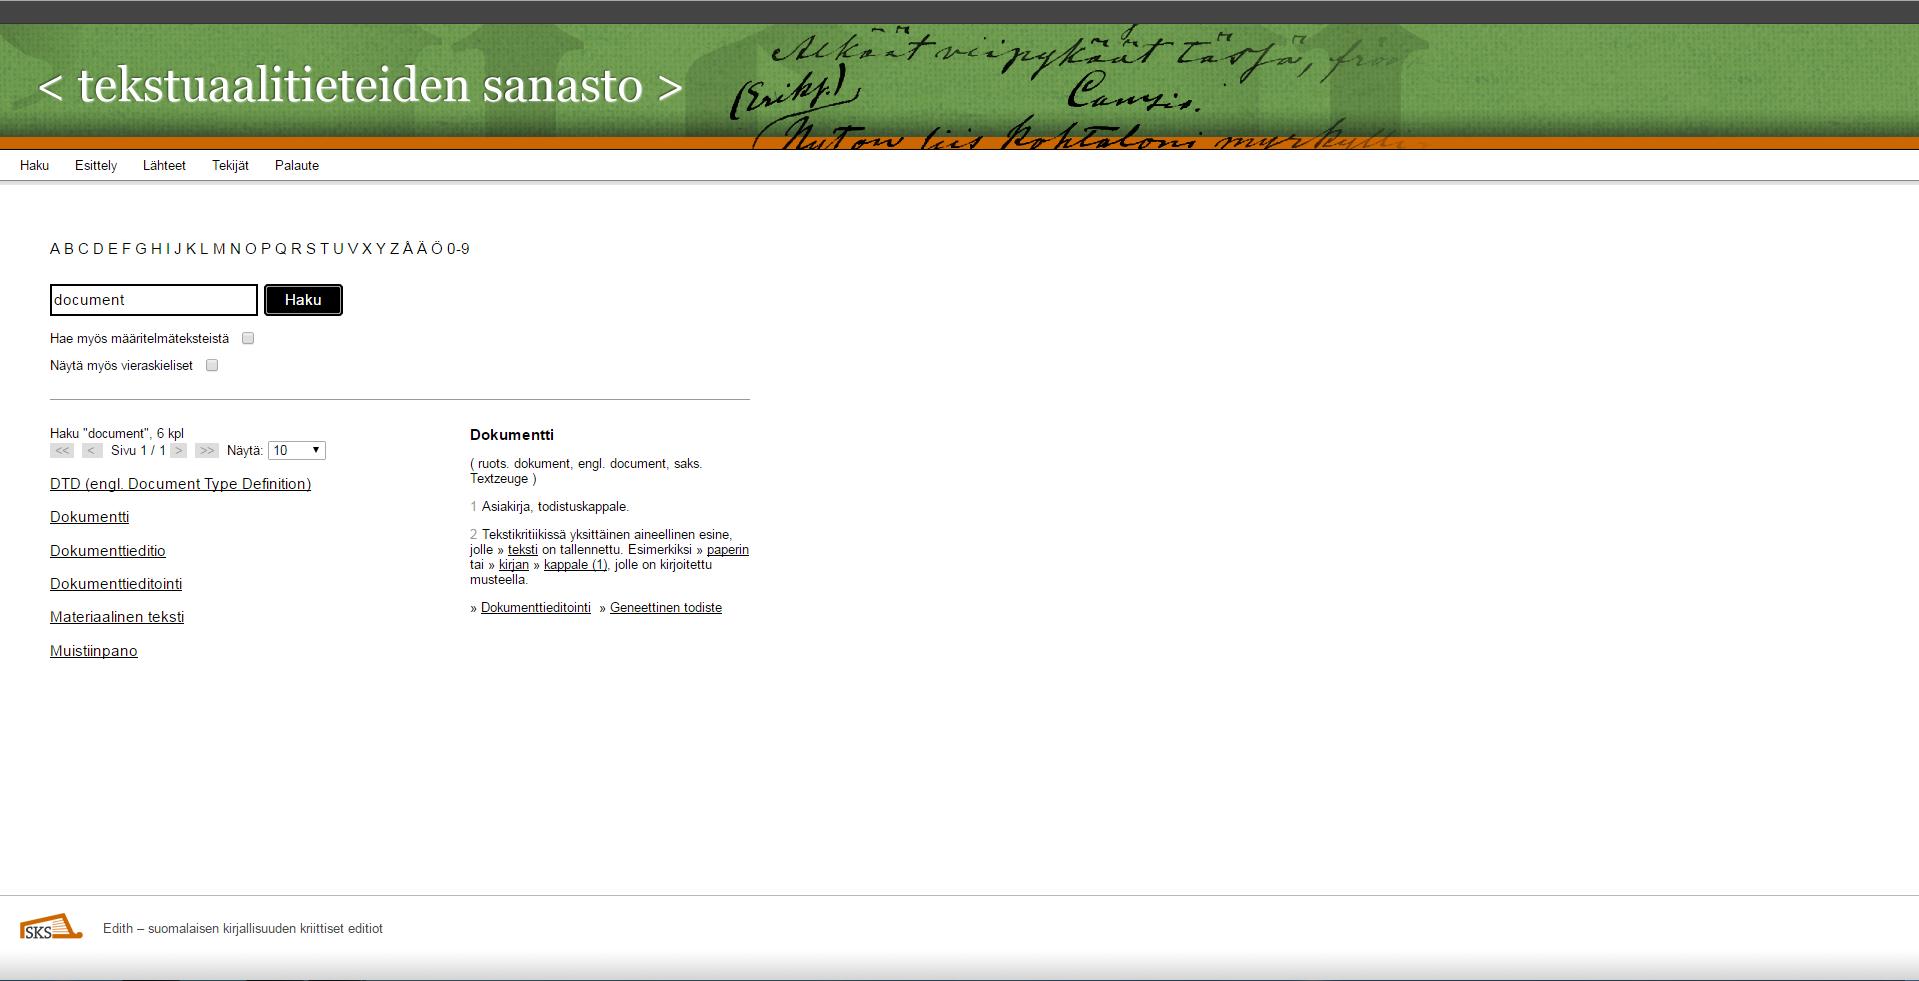 The Tekstuaalieteiden Sanasto's definition of 'document'.